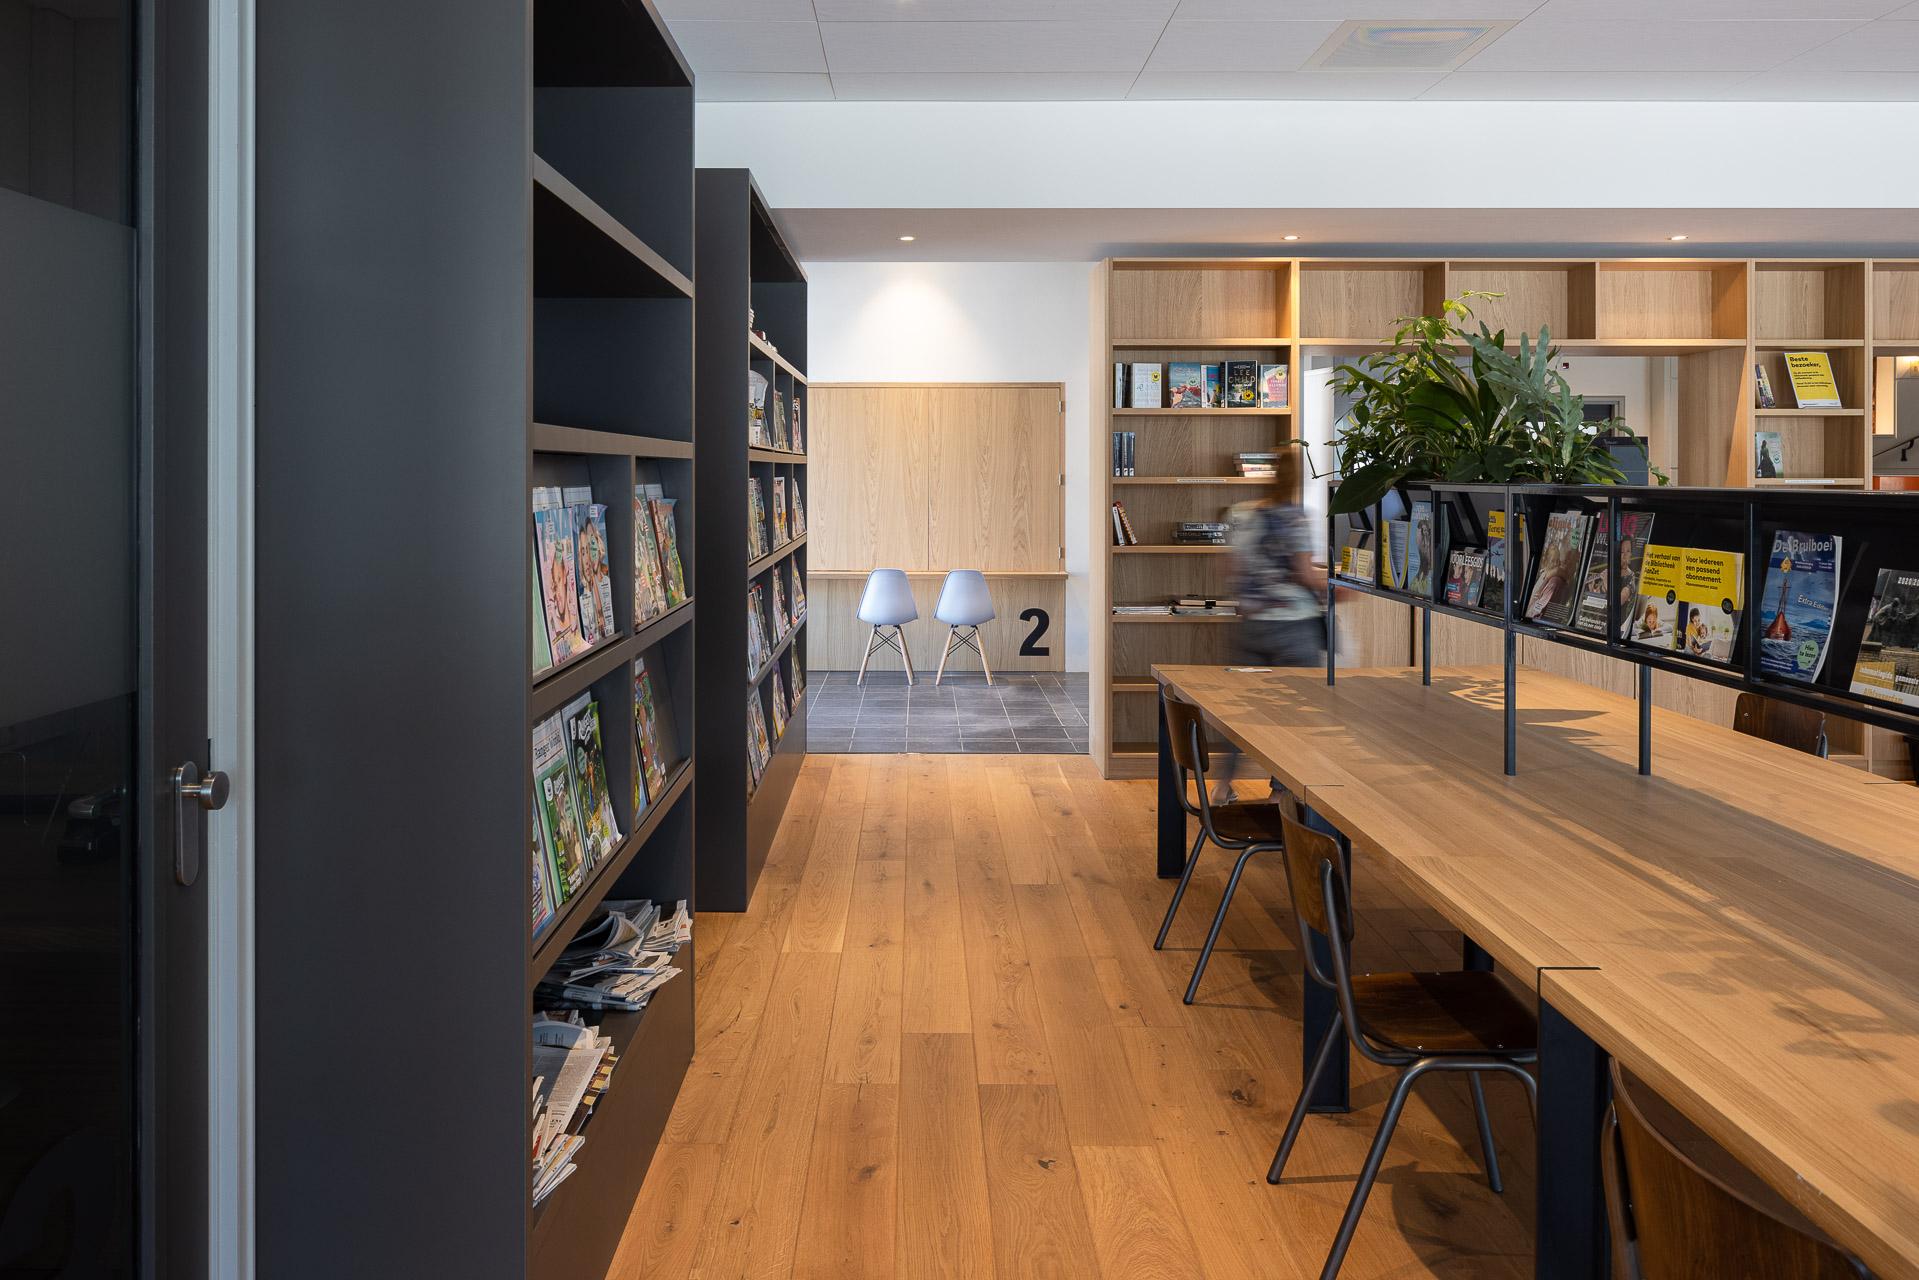 SP2020-Gemeentehuis-Alblasserdam-DP6-Architectuurfoto-interieurfoto-12